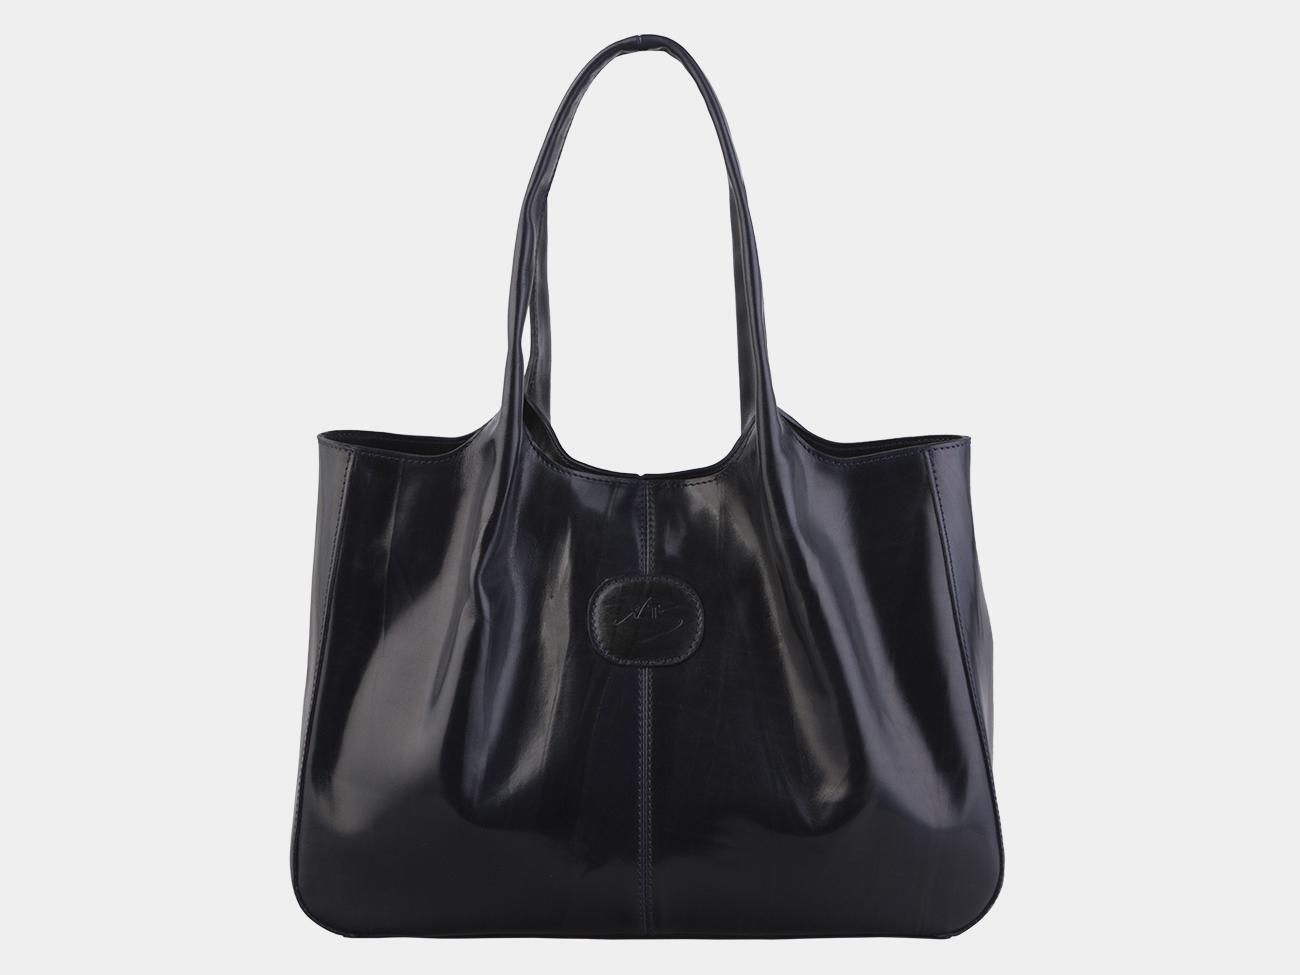 c7b0c780a485 Недорого купить синую кожаную женскую сумку из натуральной кожи ...